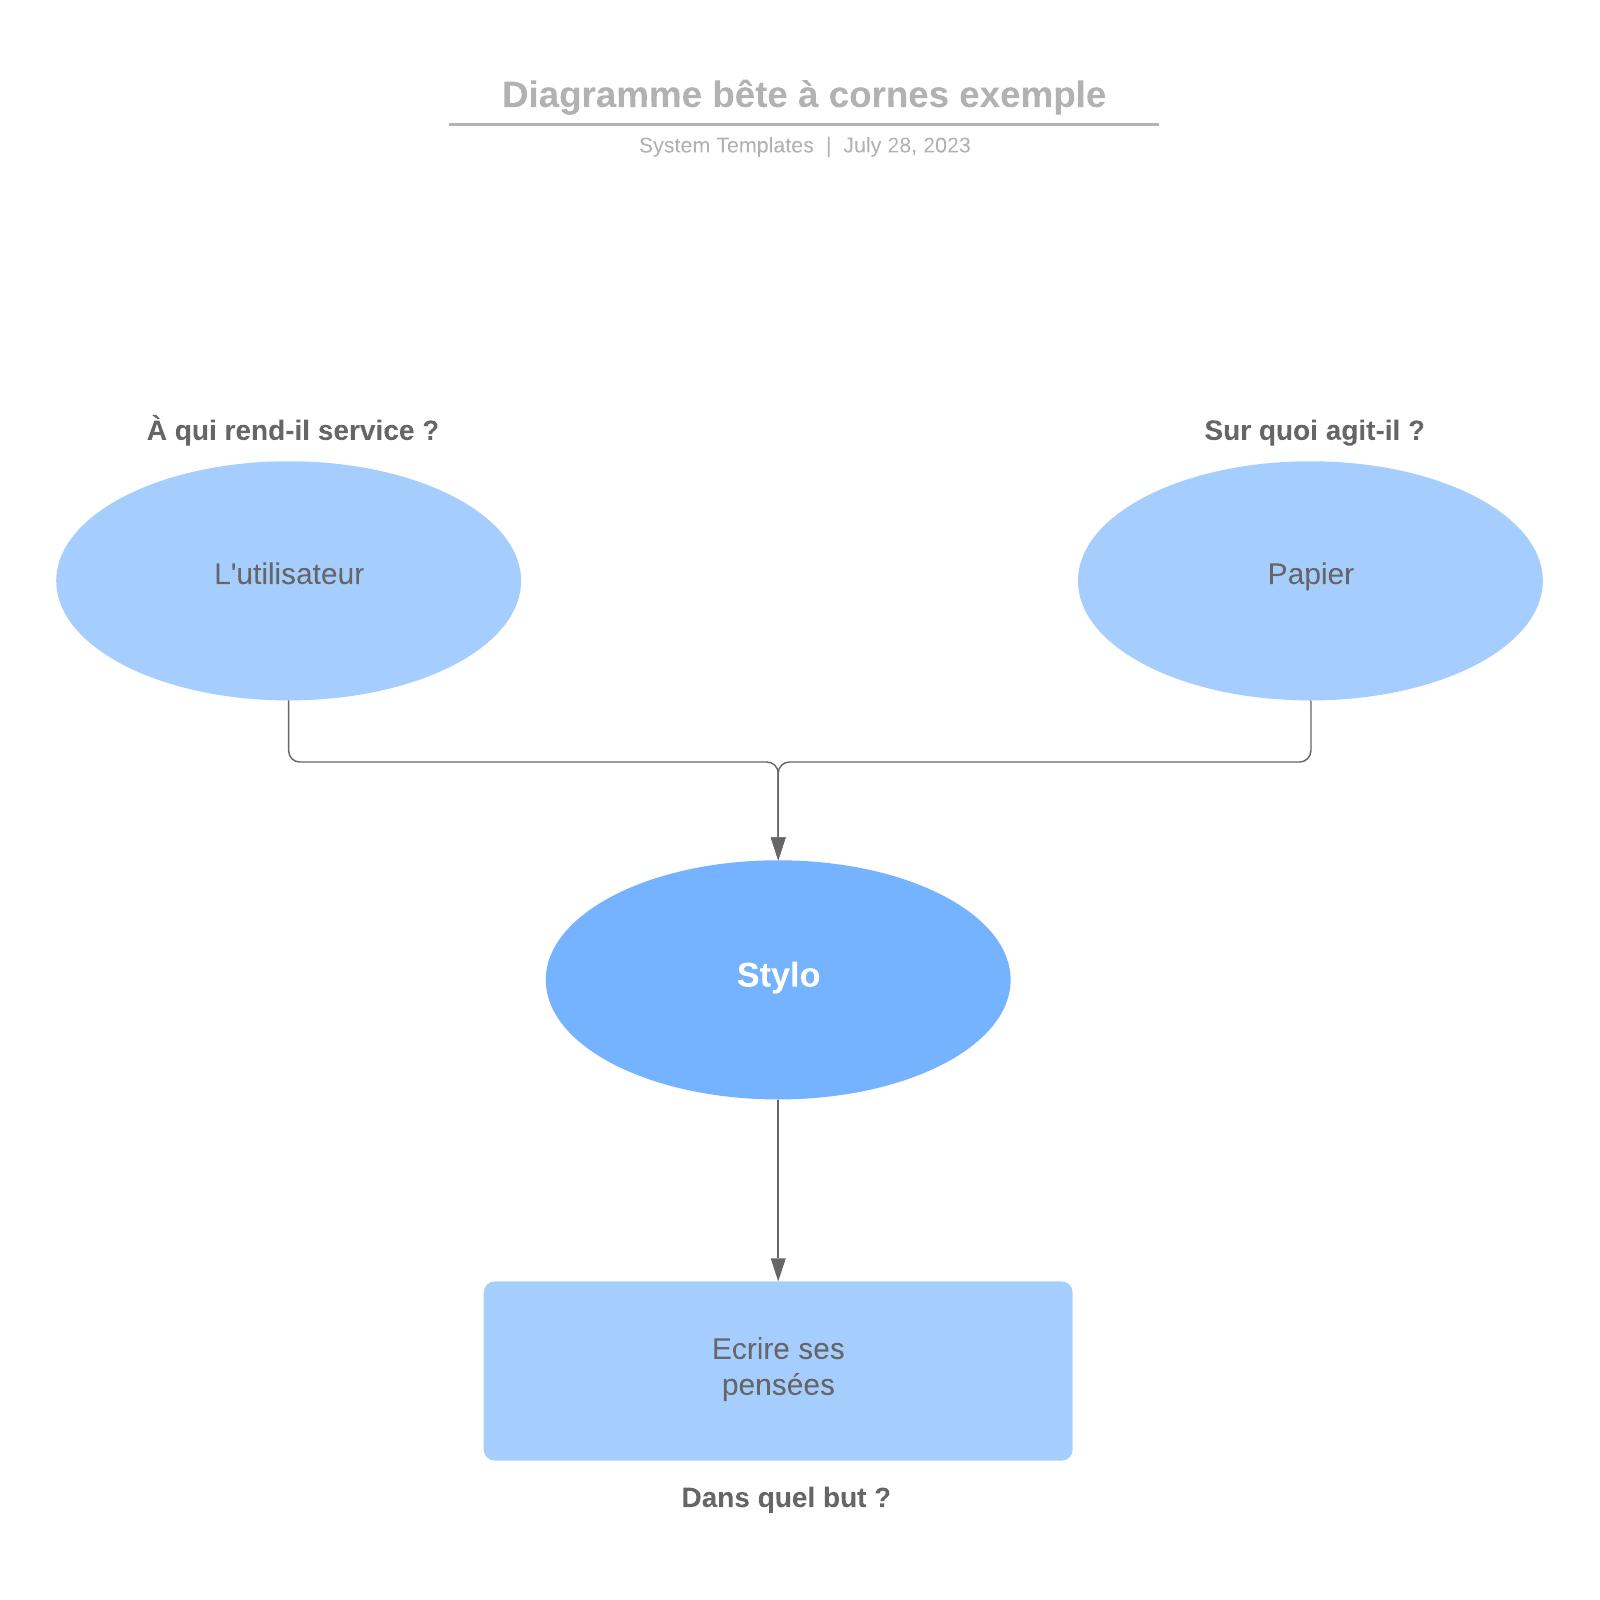 exemple de diagramme bête à cornes